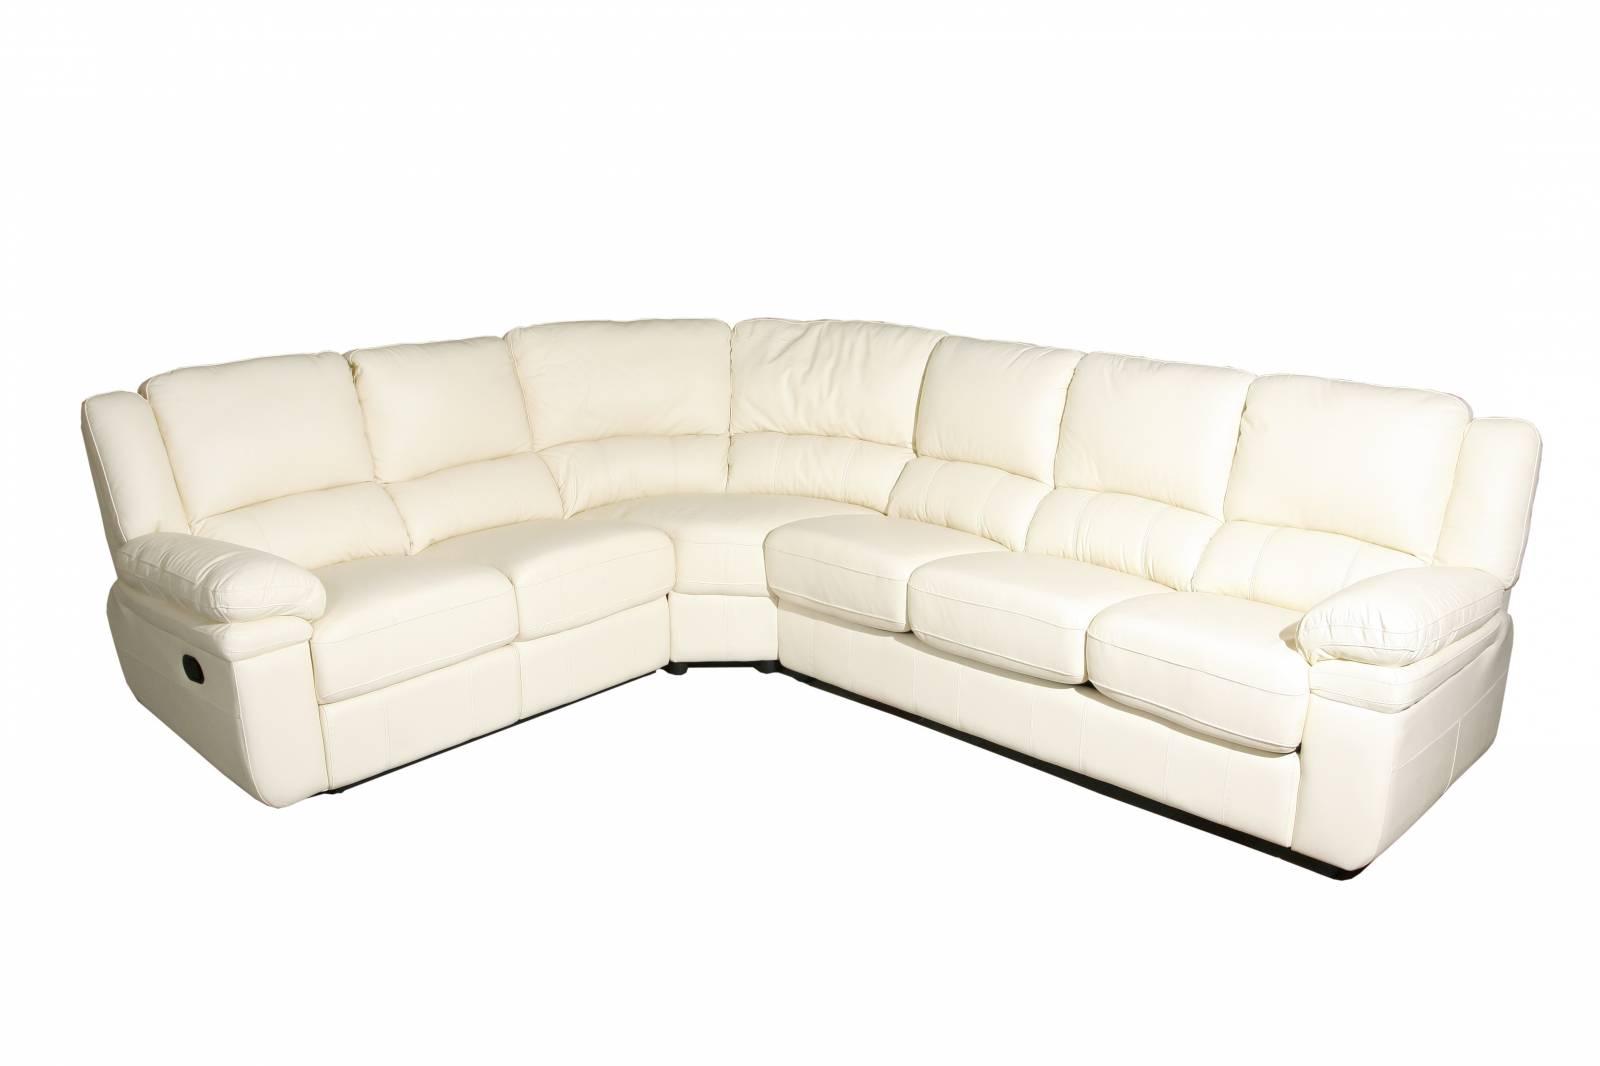 Купить диван марсель по низкой цене в